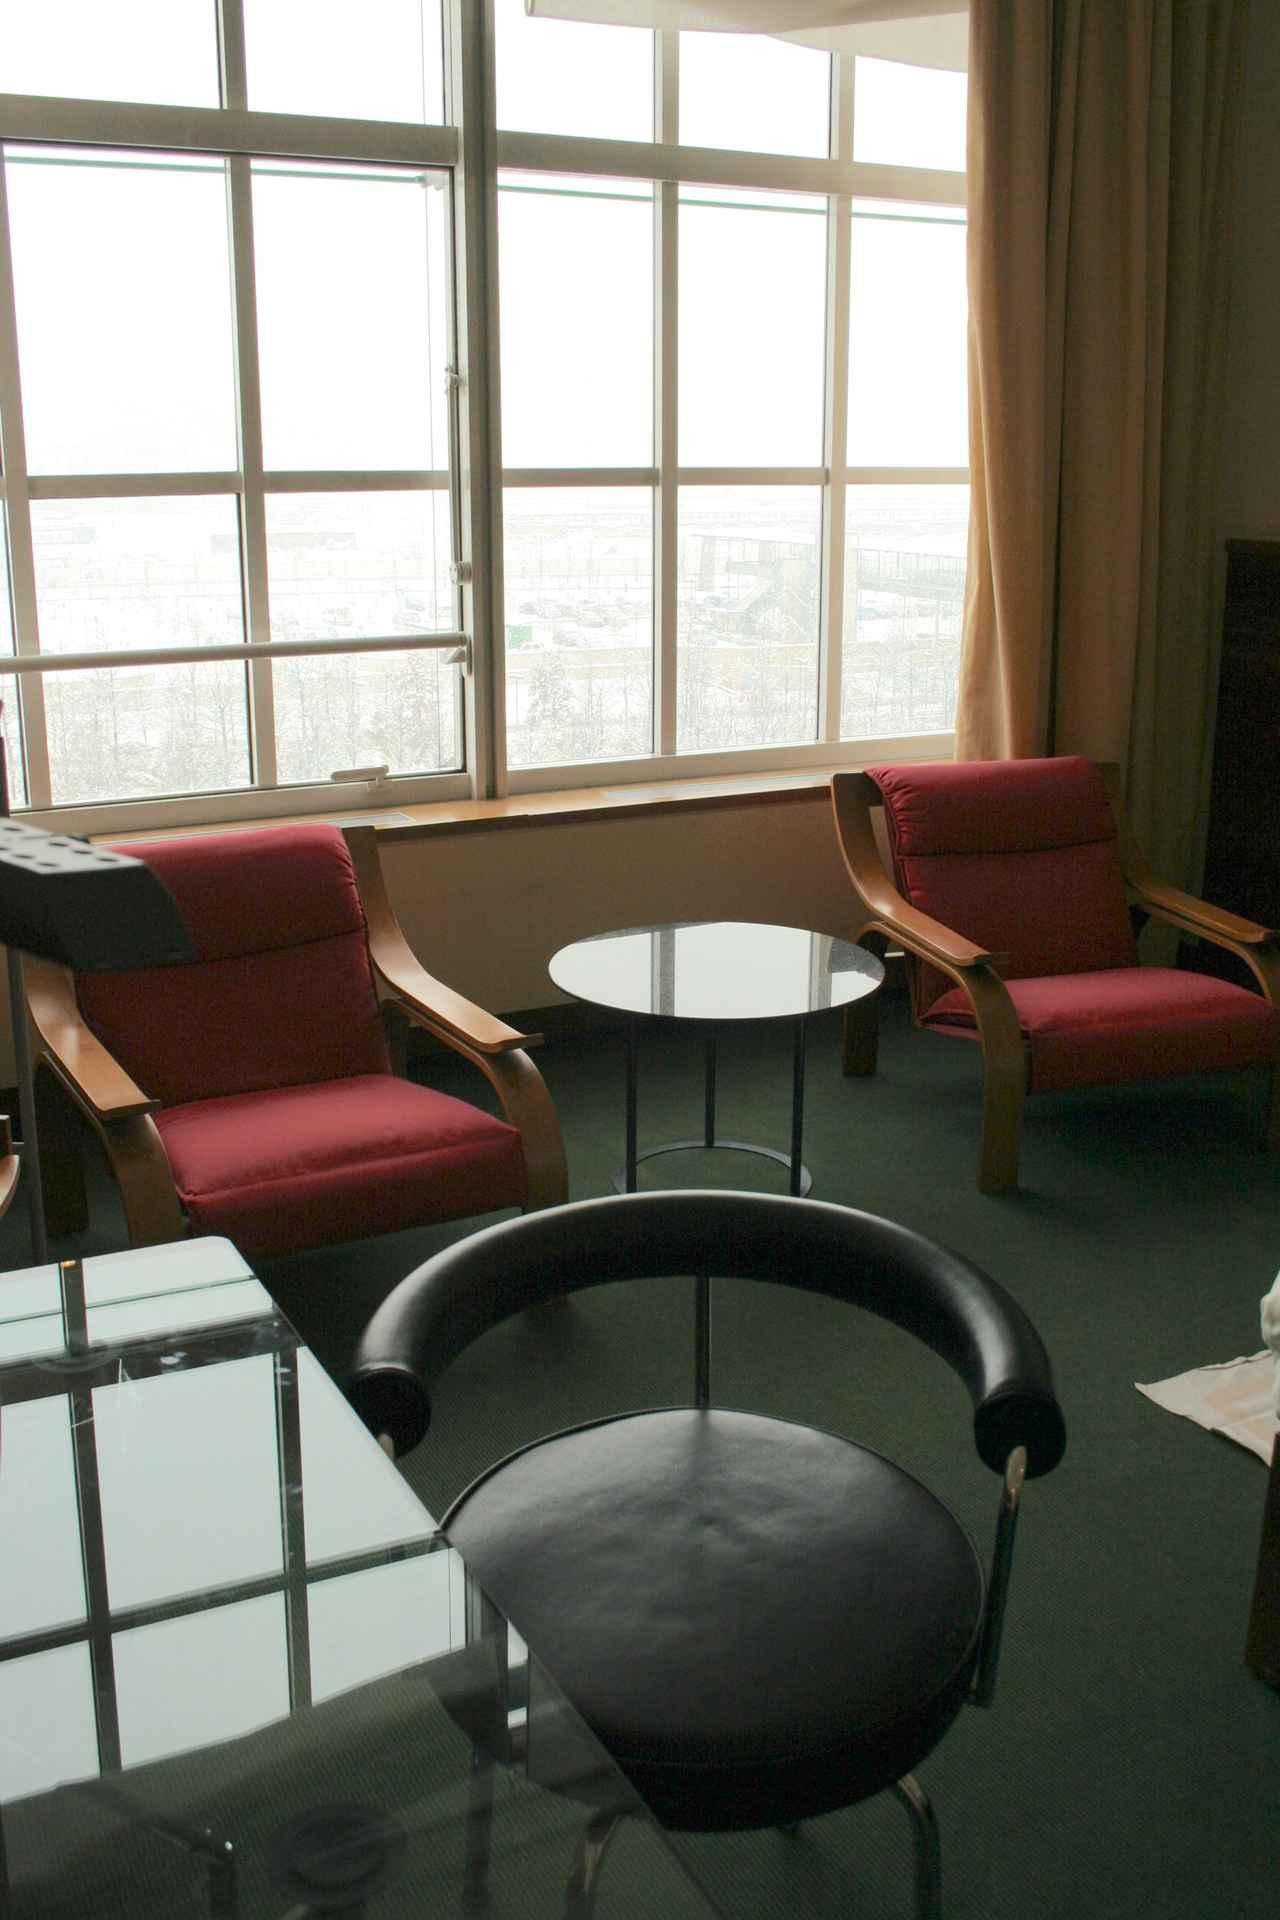 画像: その客室内(ル・メリディアン・リンゴット時代に撮影)。